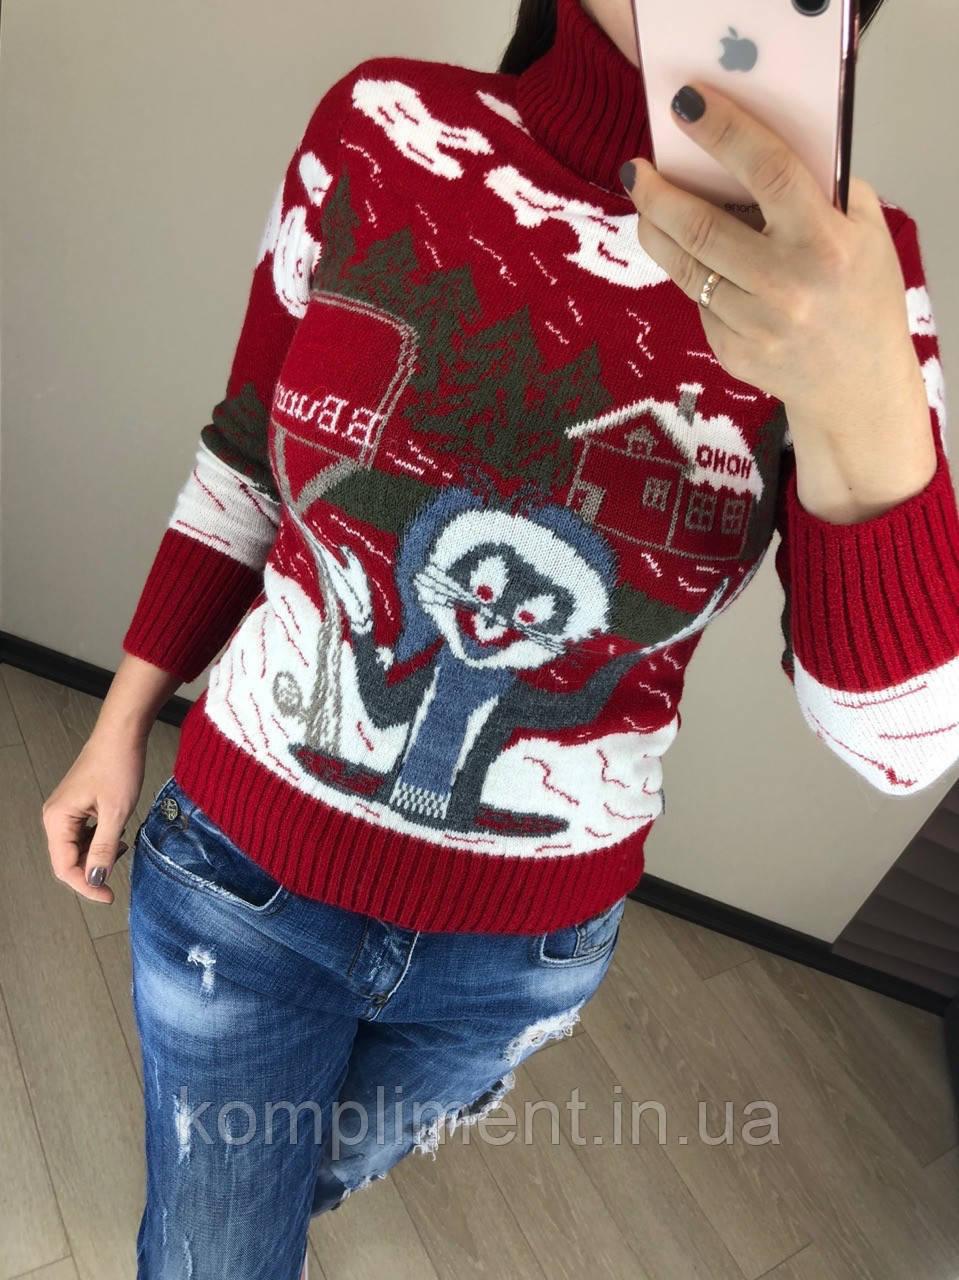 Шерстяной вязаный  турецкий свитер с рисунком кролик, красный